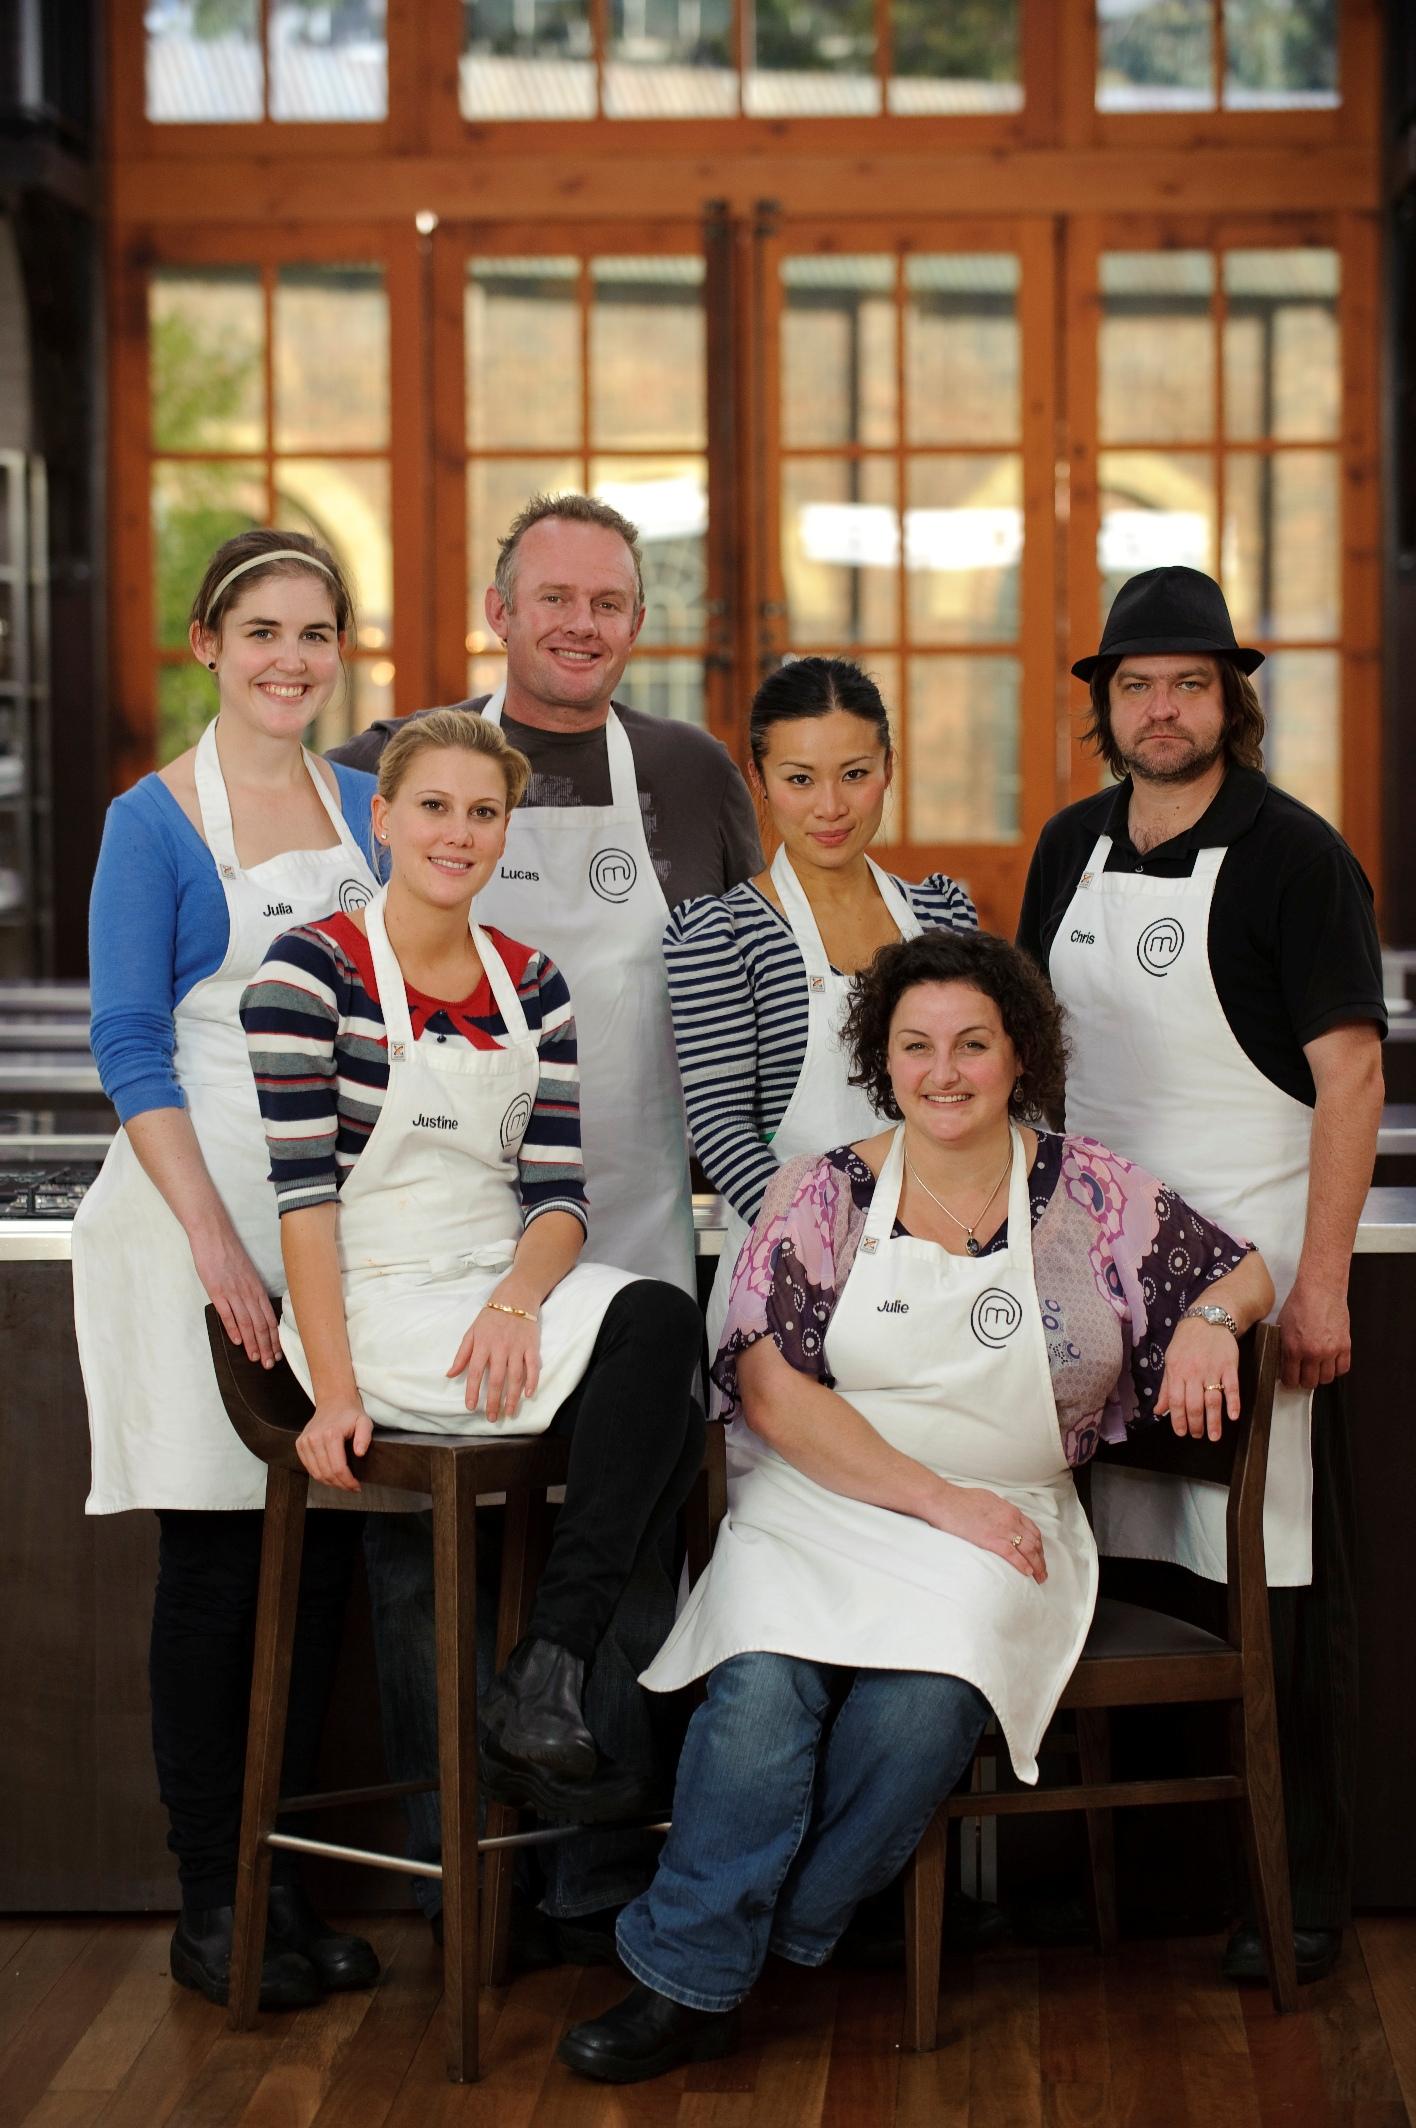 how to eat masterchef australia season 10